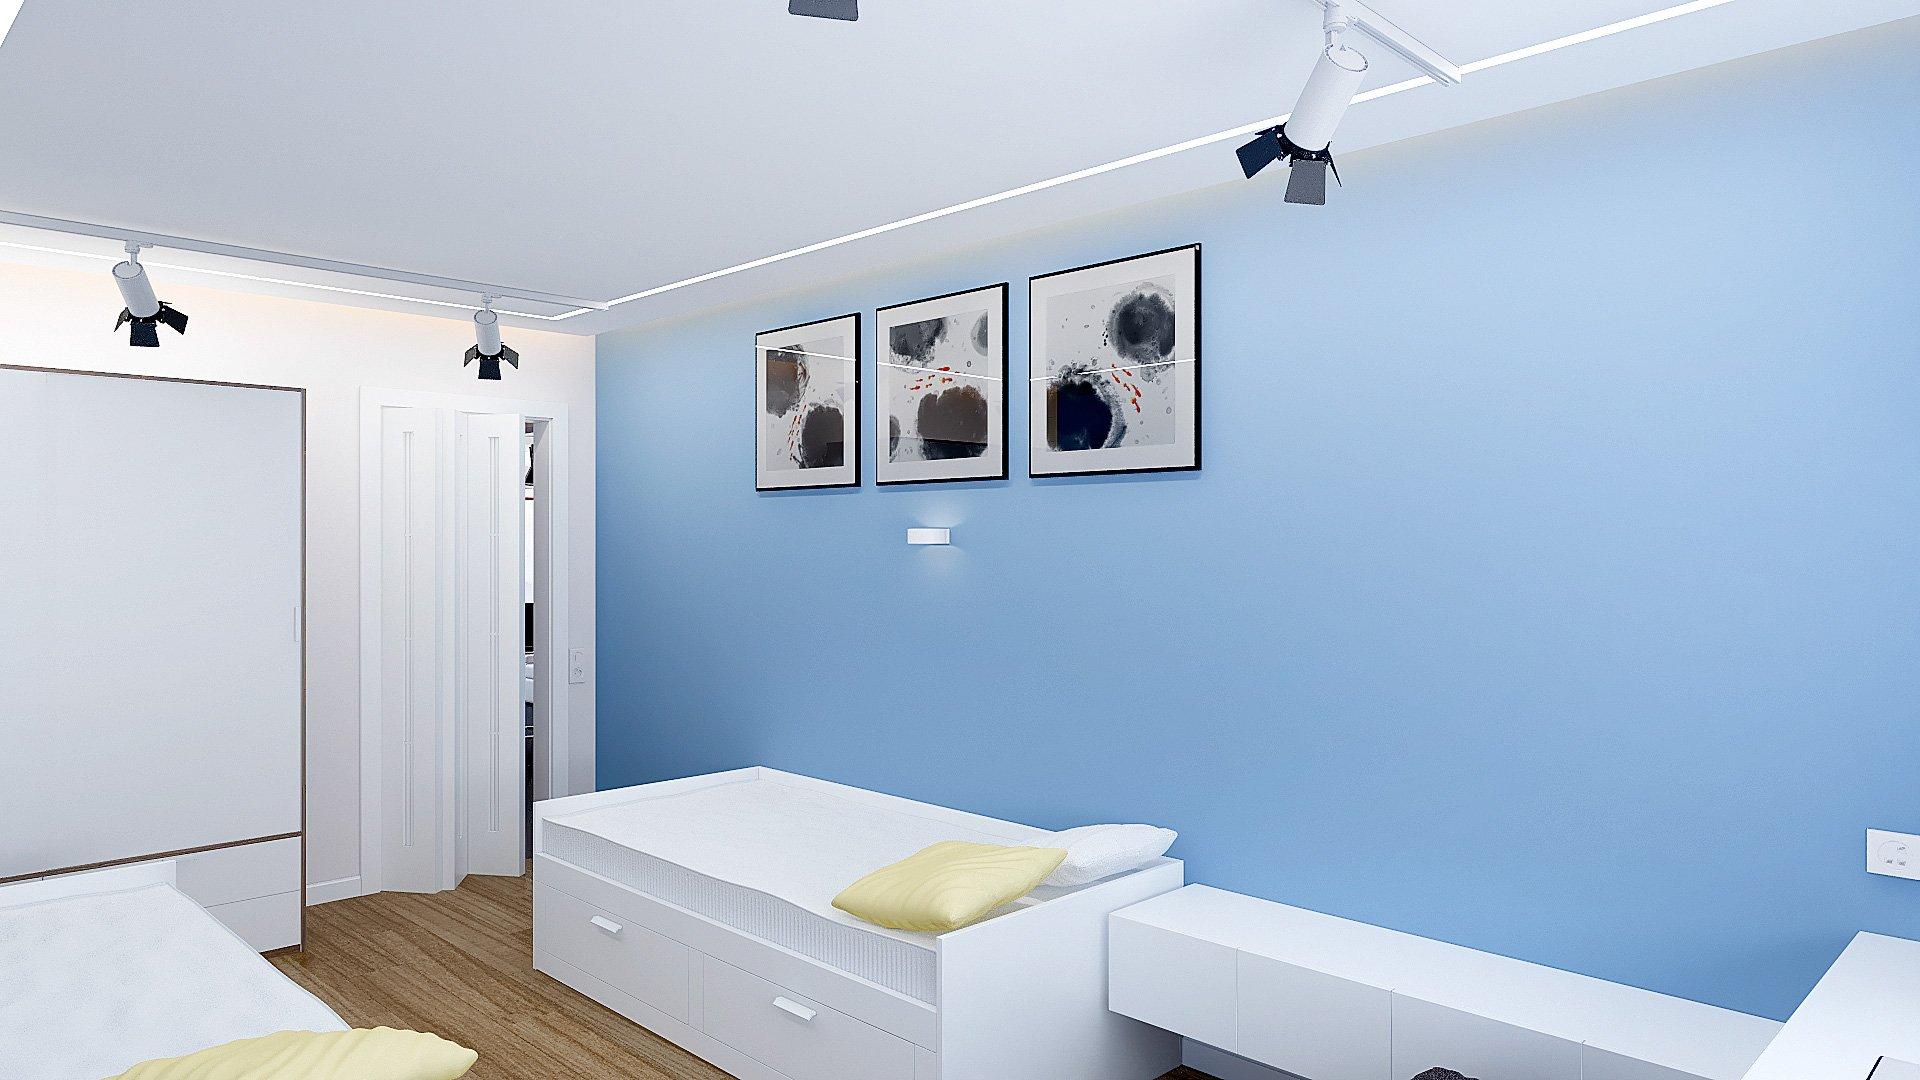 Дизайн интерьера детской комнаты в Гомеле, Изображение № 1, письменный стол у окна, кровати ИКЕА в интерьере детской, детская для двоих подростков, светильники на шинопроводе, голубые стены